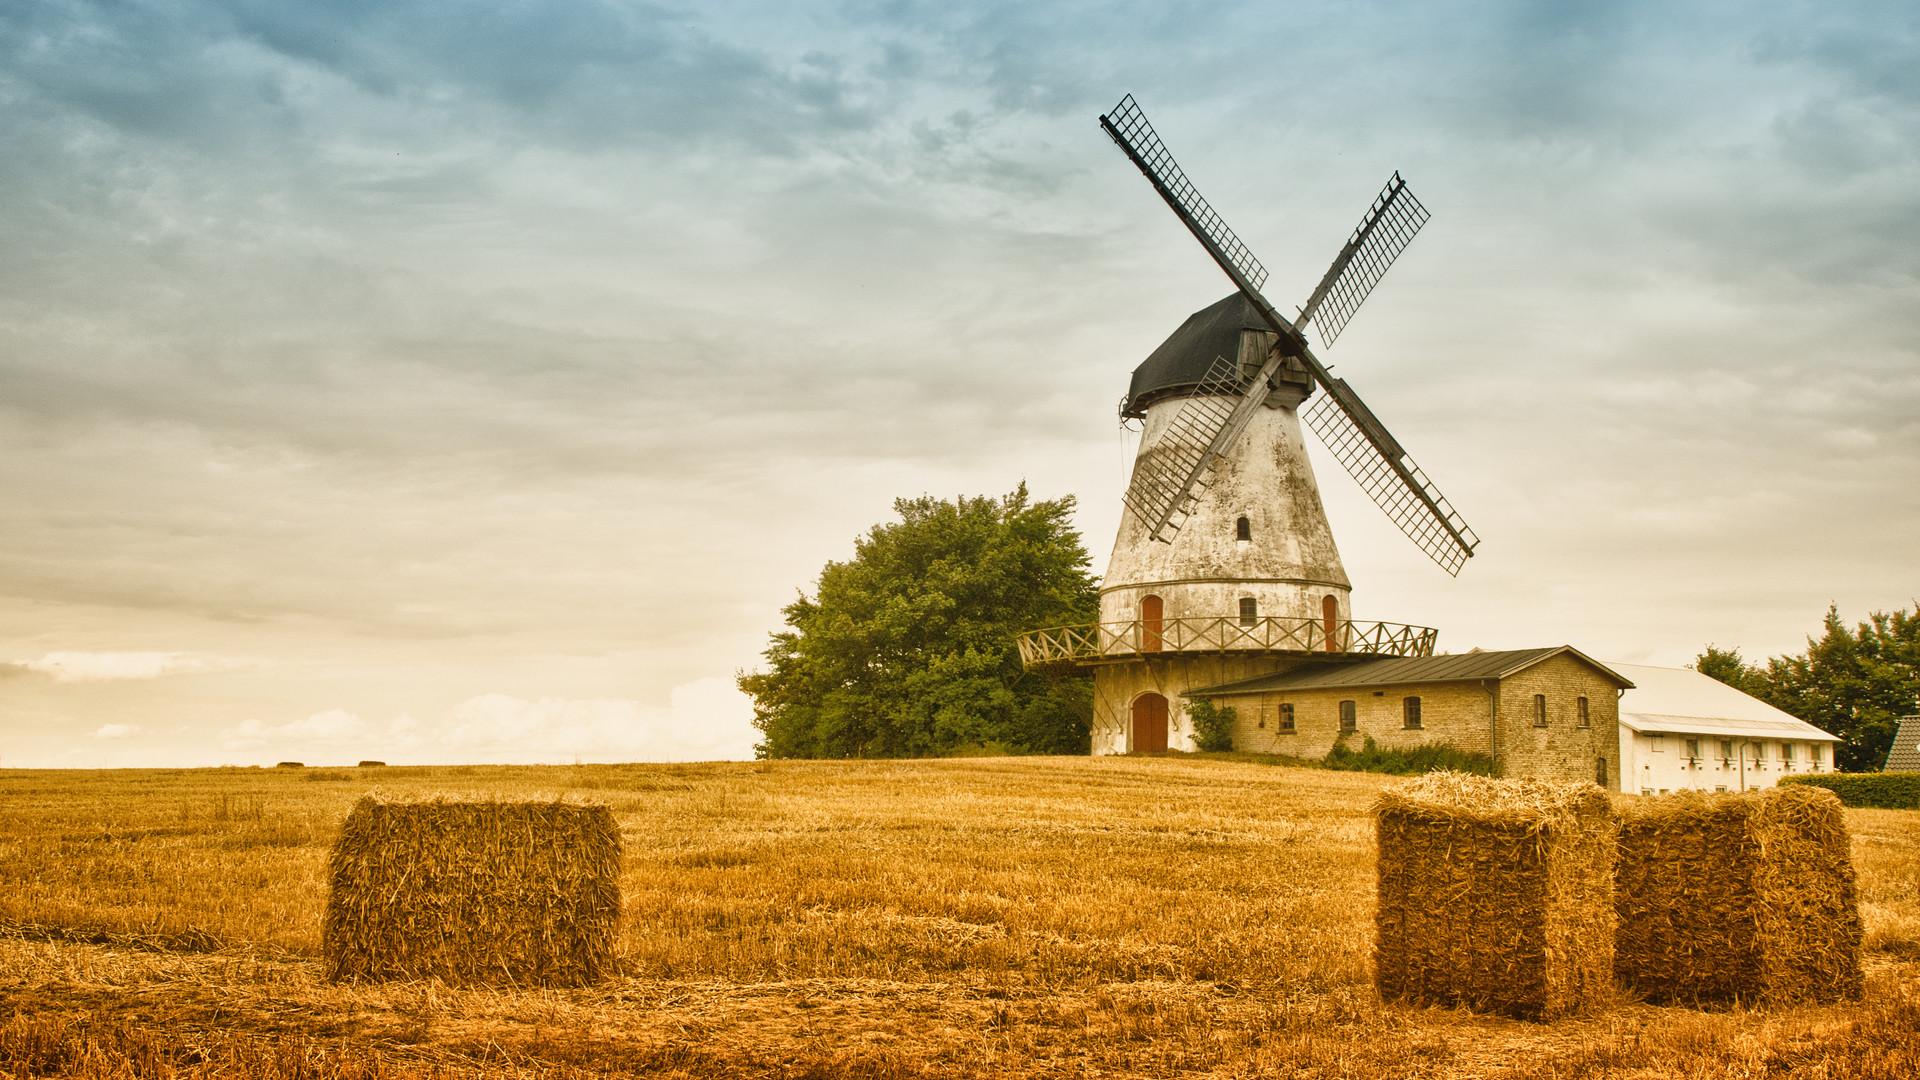 Dutch Windmill Wallpaper Pinit Gallery 1920x1080px